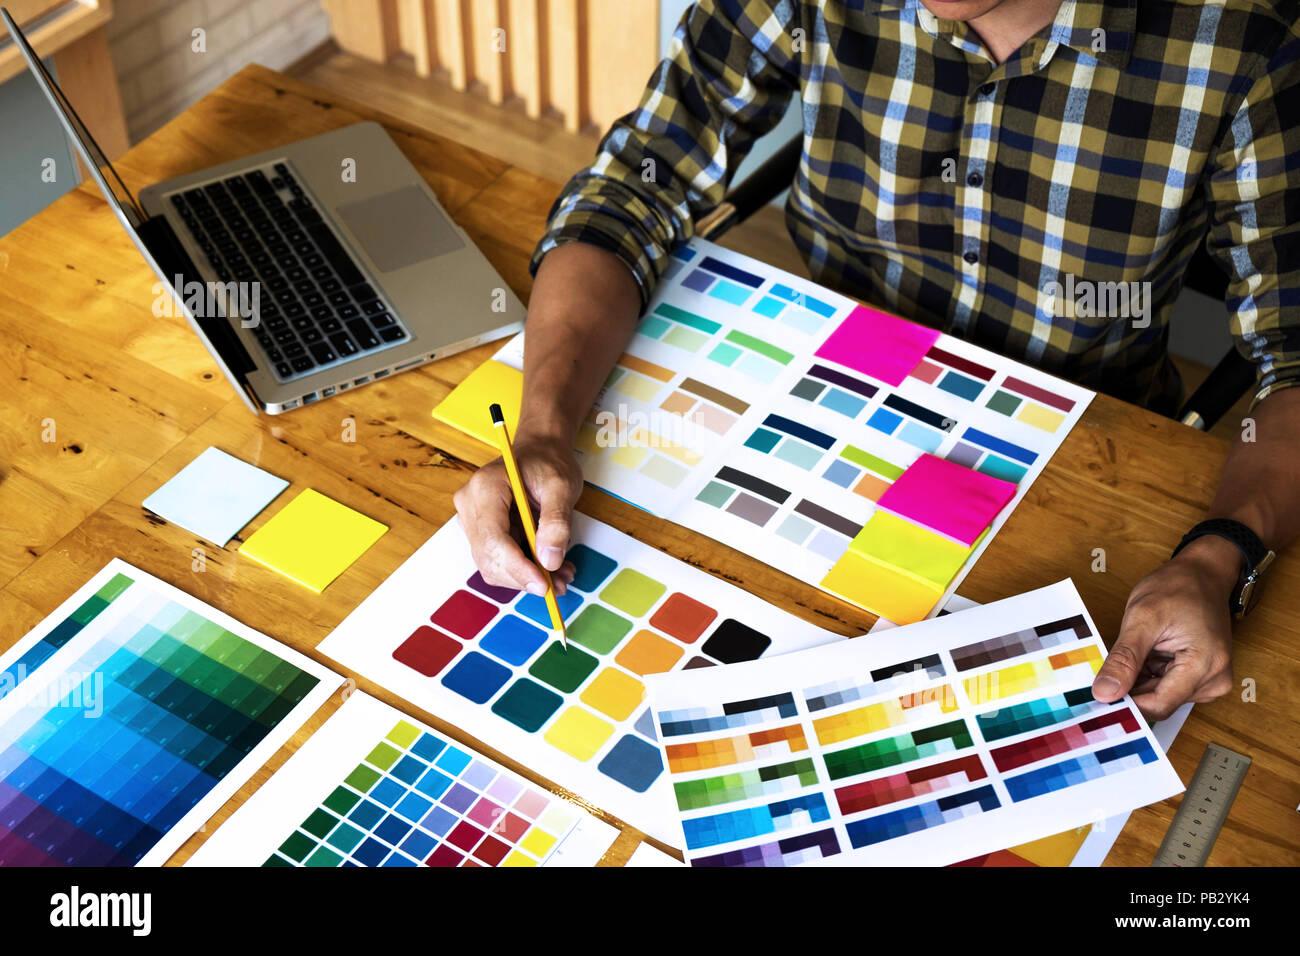 Grafik Designer wählen Sie Farben aus der Farbkarte Bands proben für Design. Designer grafische Kreativität arbeit Konzept. Stockbild